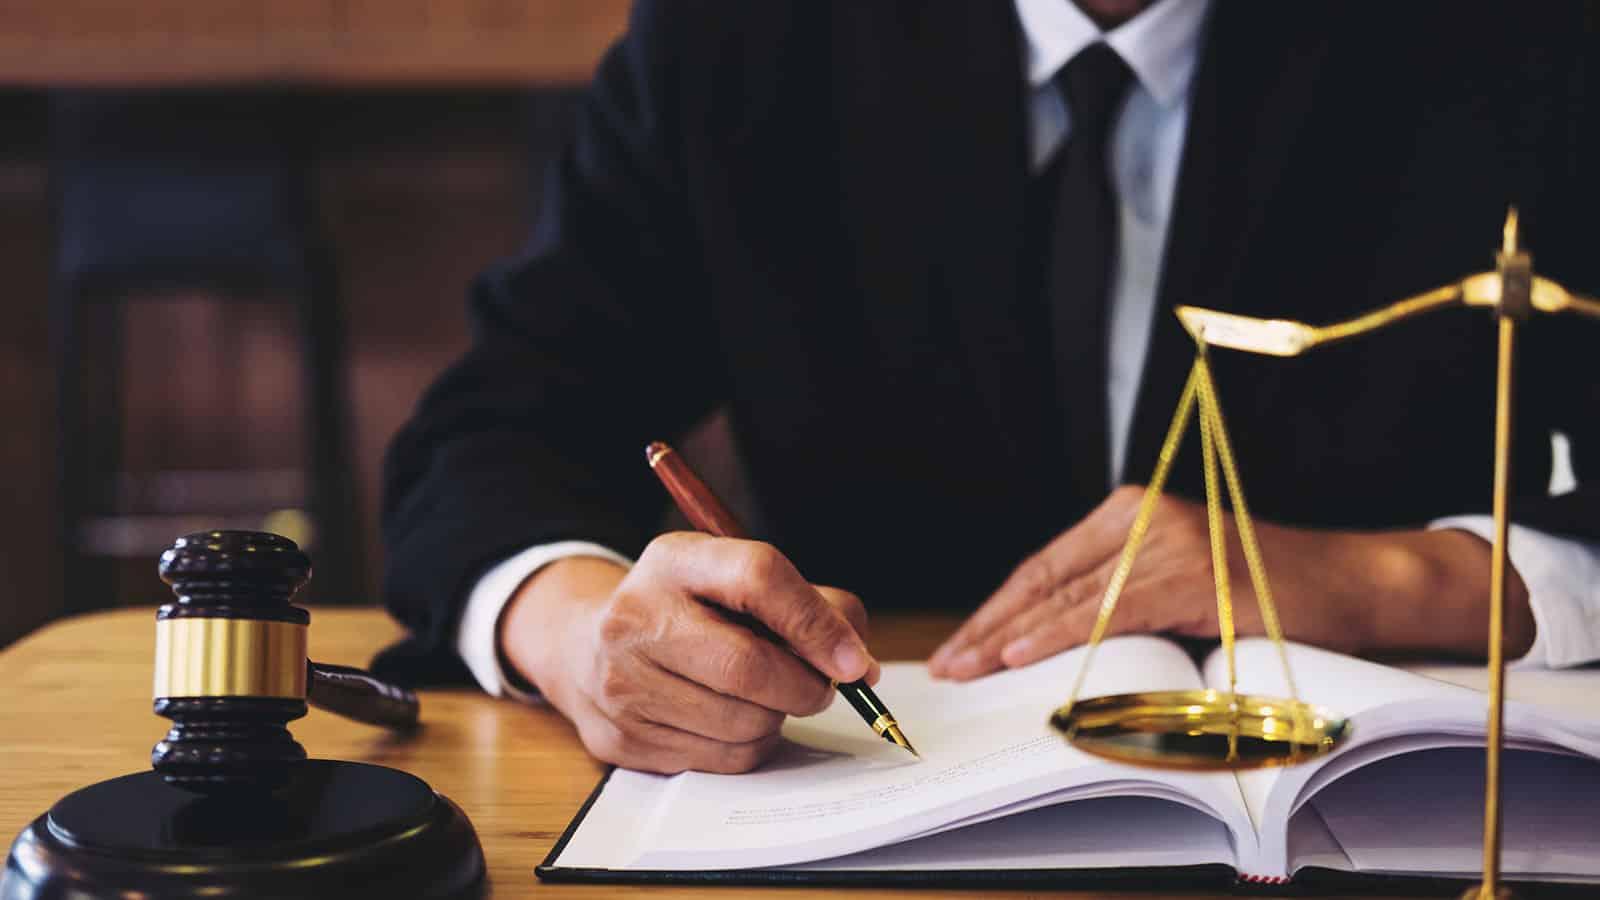 بهترین وکیل شرکتها در مشهد